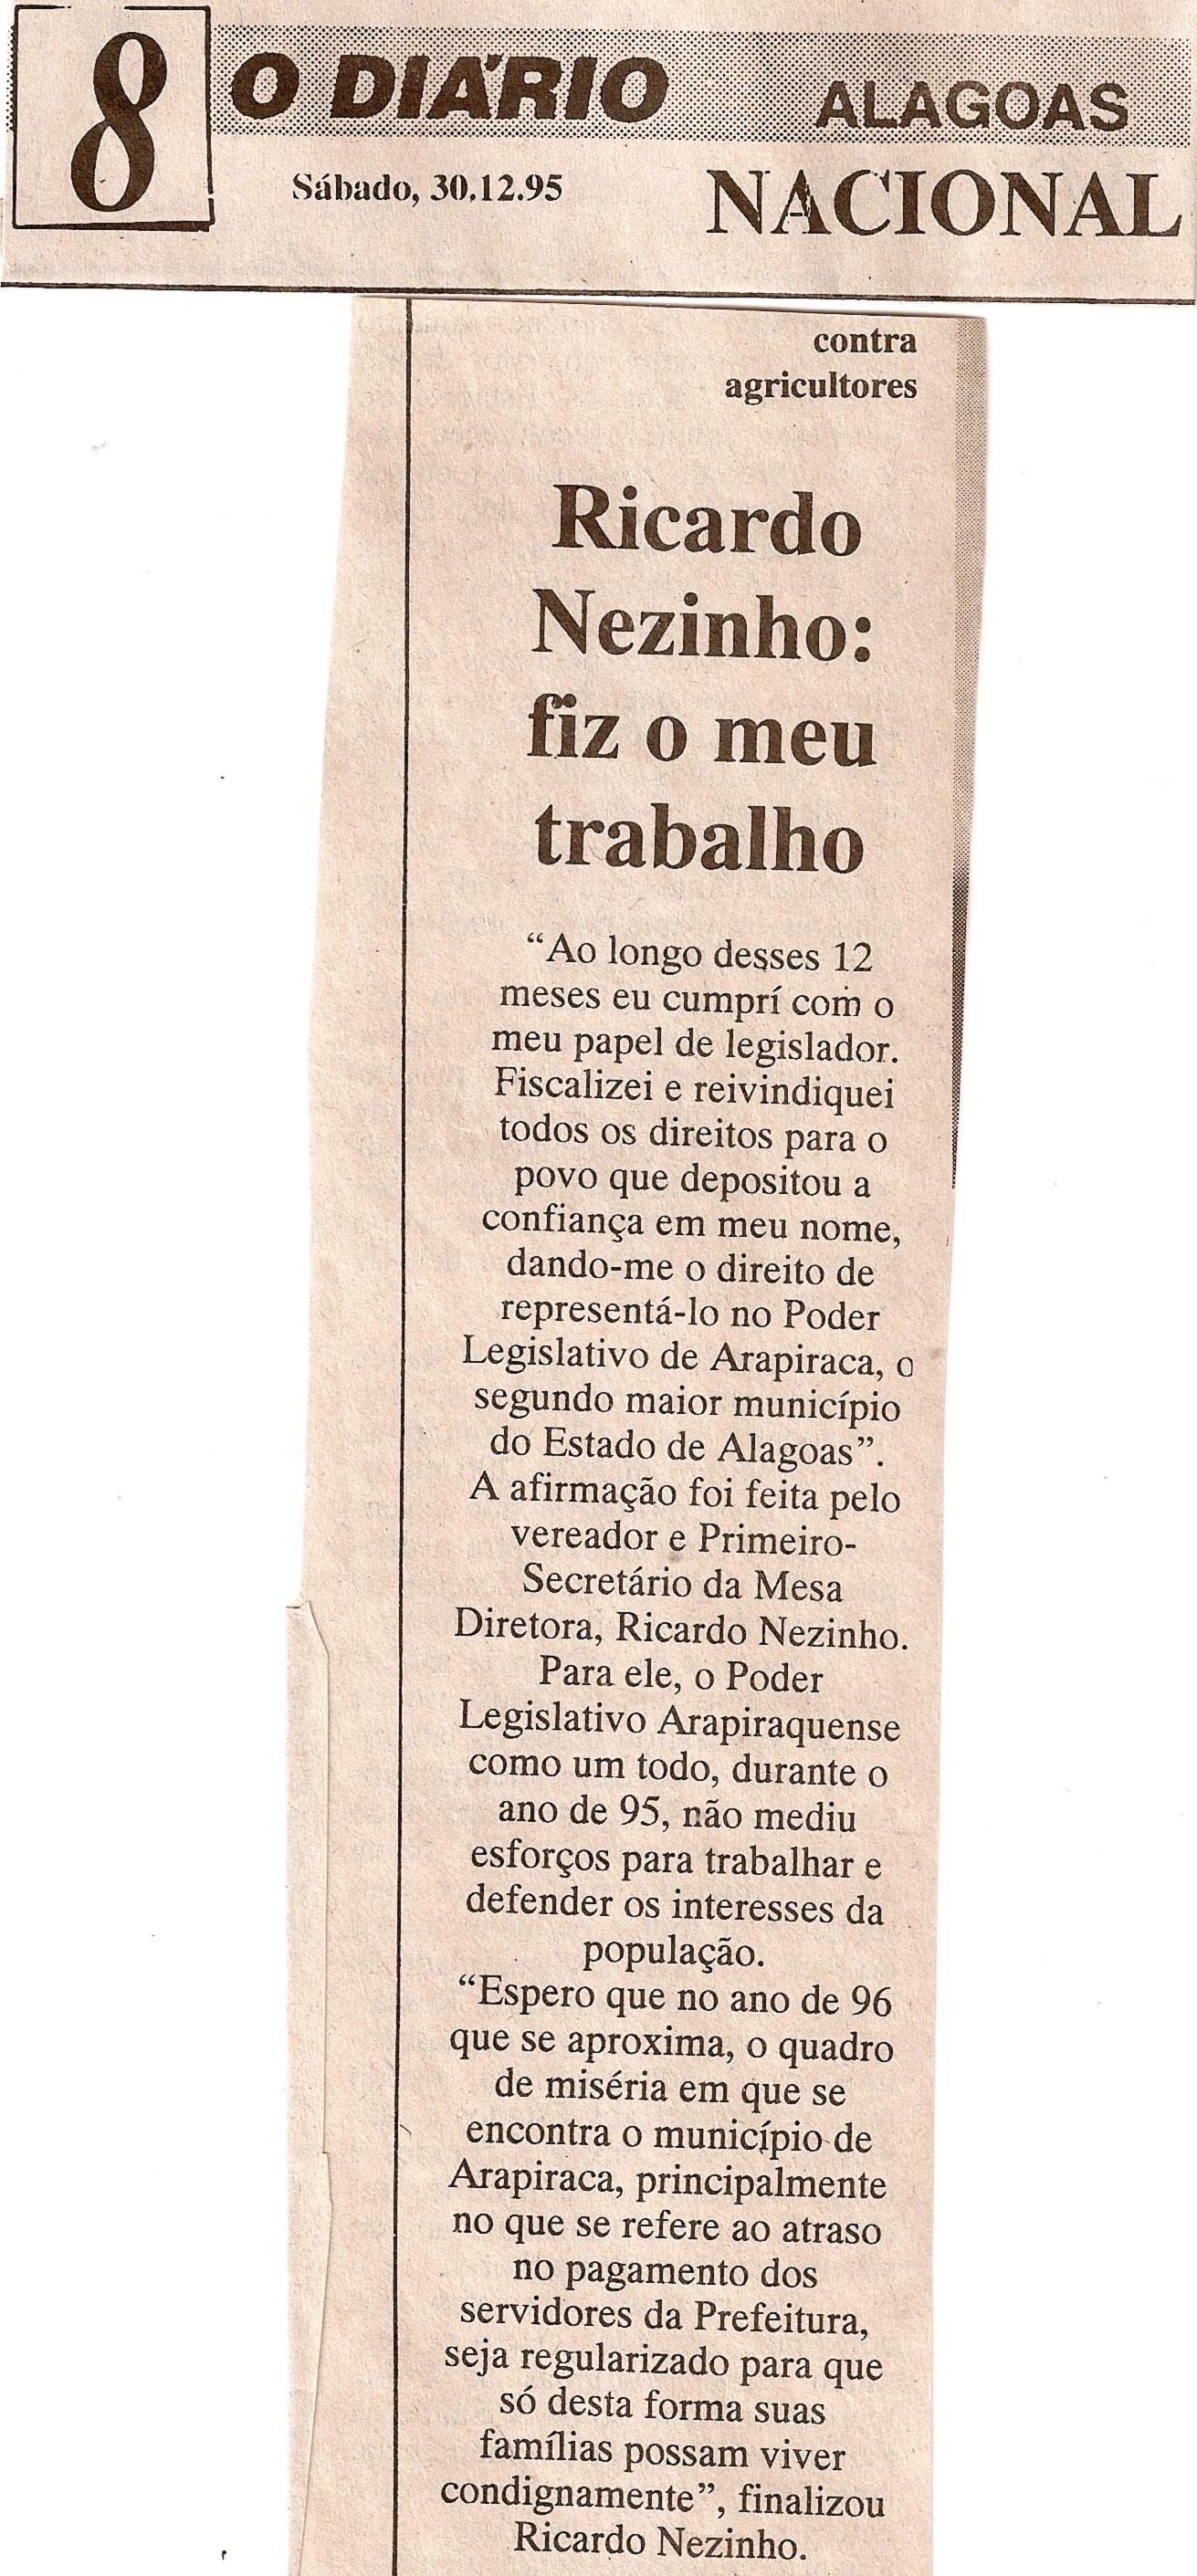 O Diario 30-12-95